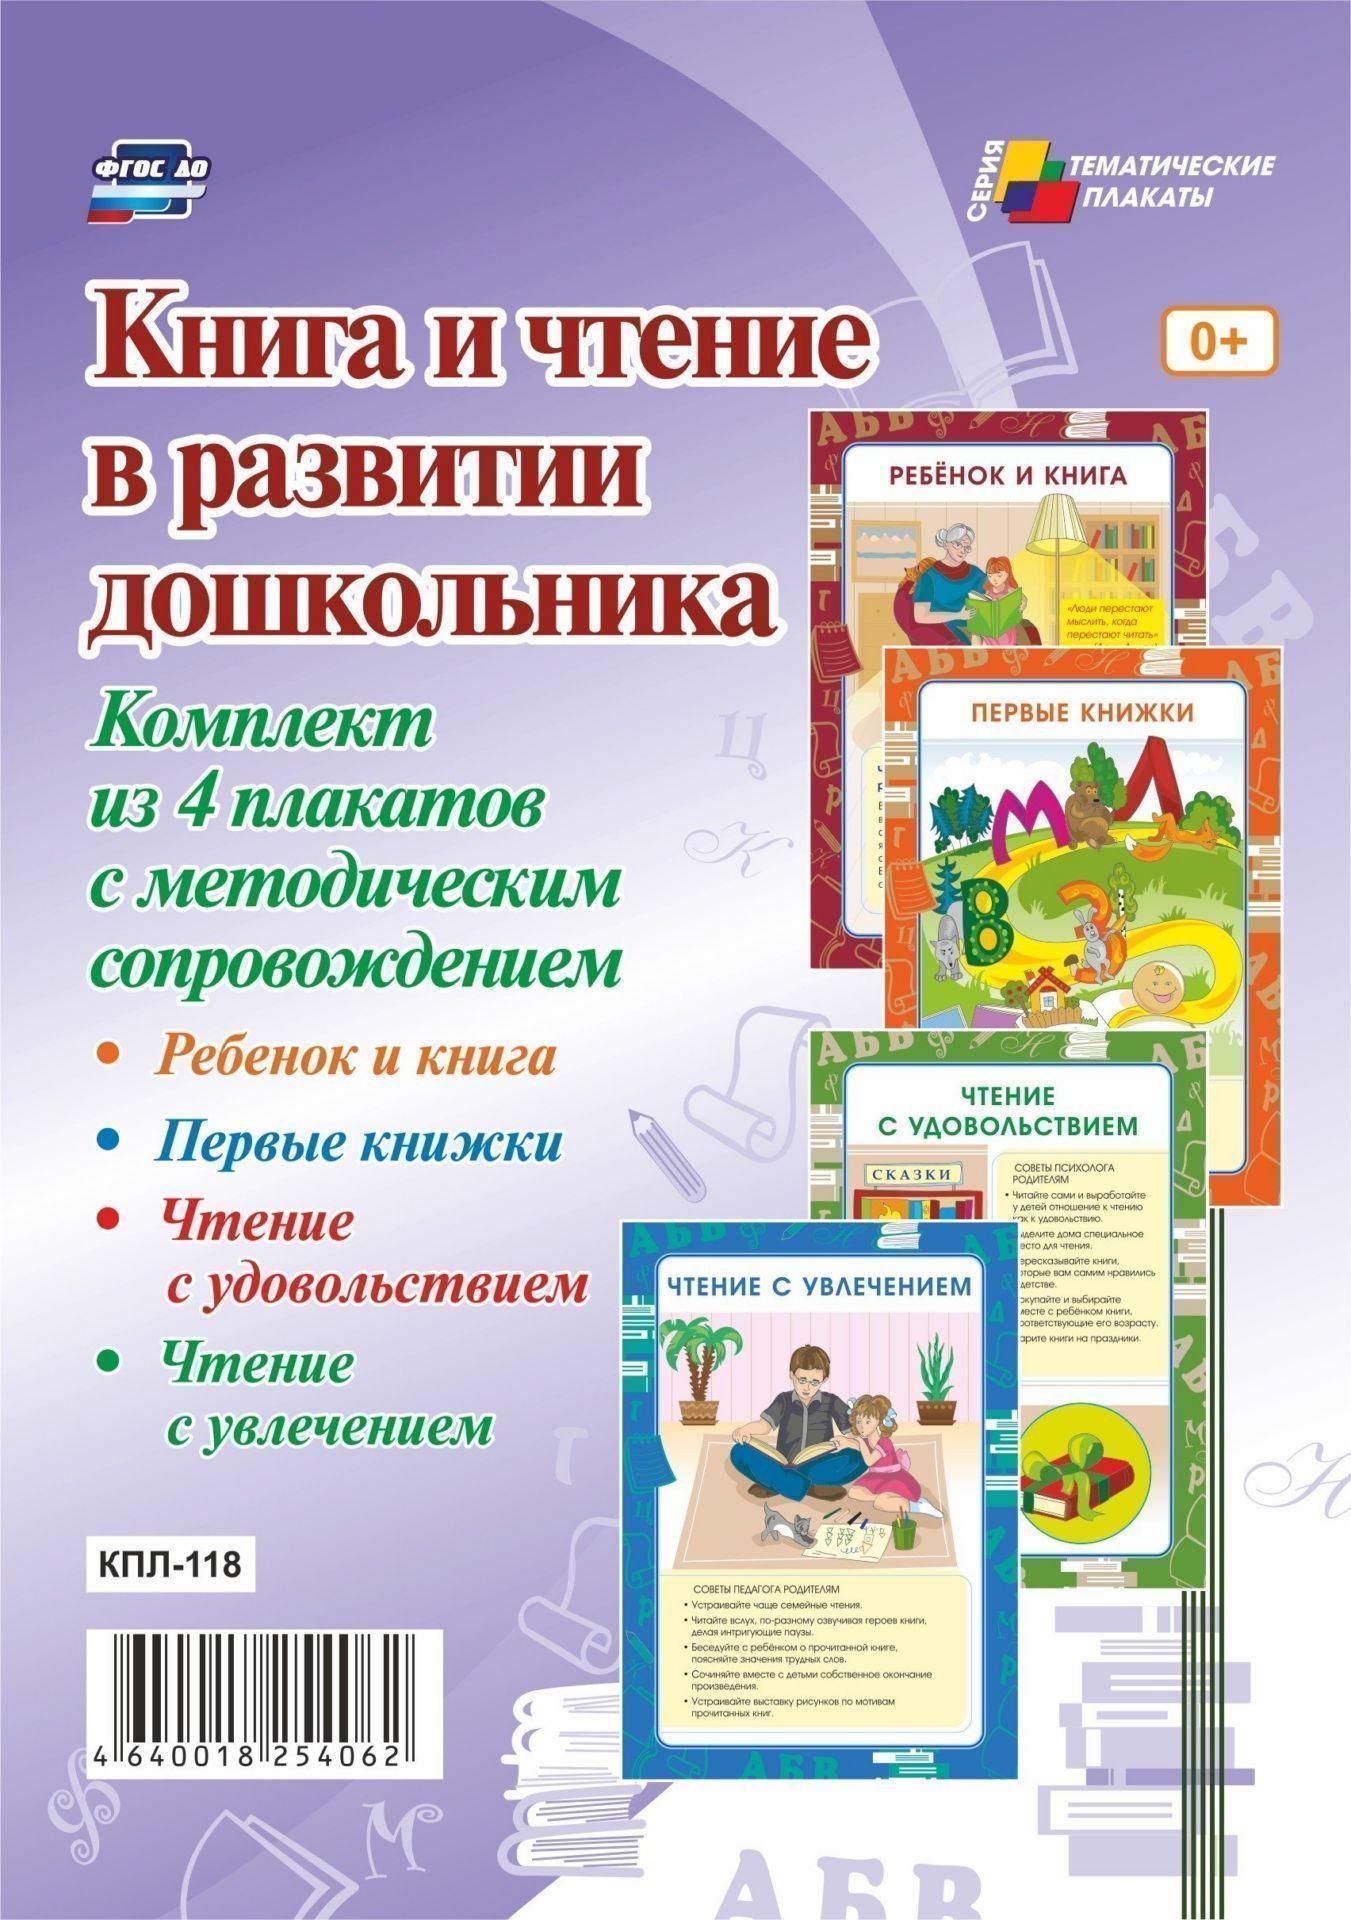 Комплект плакатов Книга и чтение в развитии дошкольника: 4 плаката с методическим сопровождениемИнформационно-деловое оснащение ДОО<br>.<br><br>Год: 2017<br>Серия: Тематические плакаты<br>Высота: 297<br>Ширина: 420